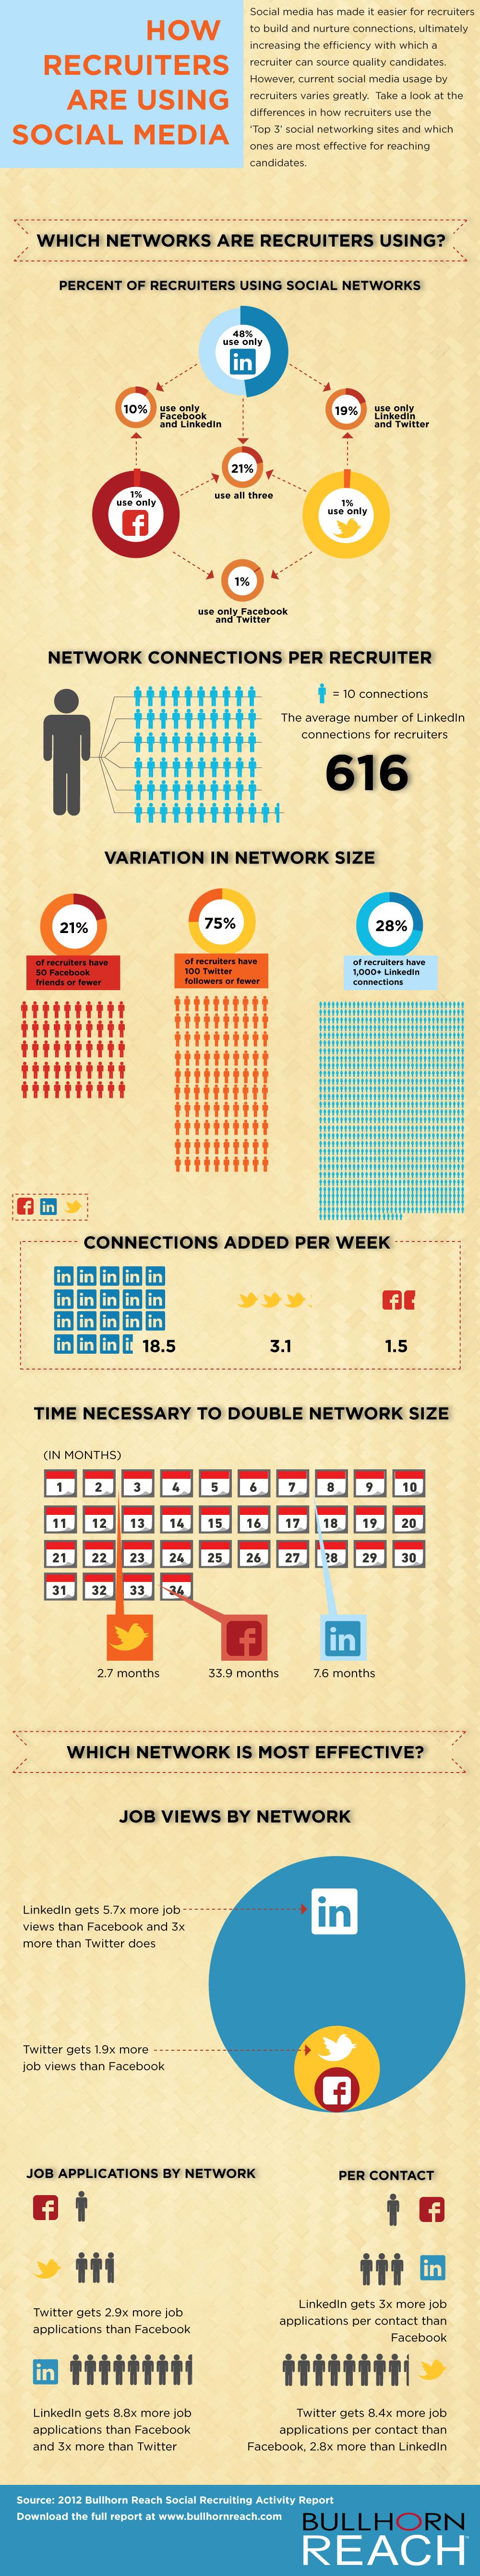 Veja como os recrutadores usam as redes sociais durante os processos de seleção.